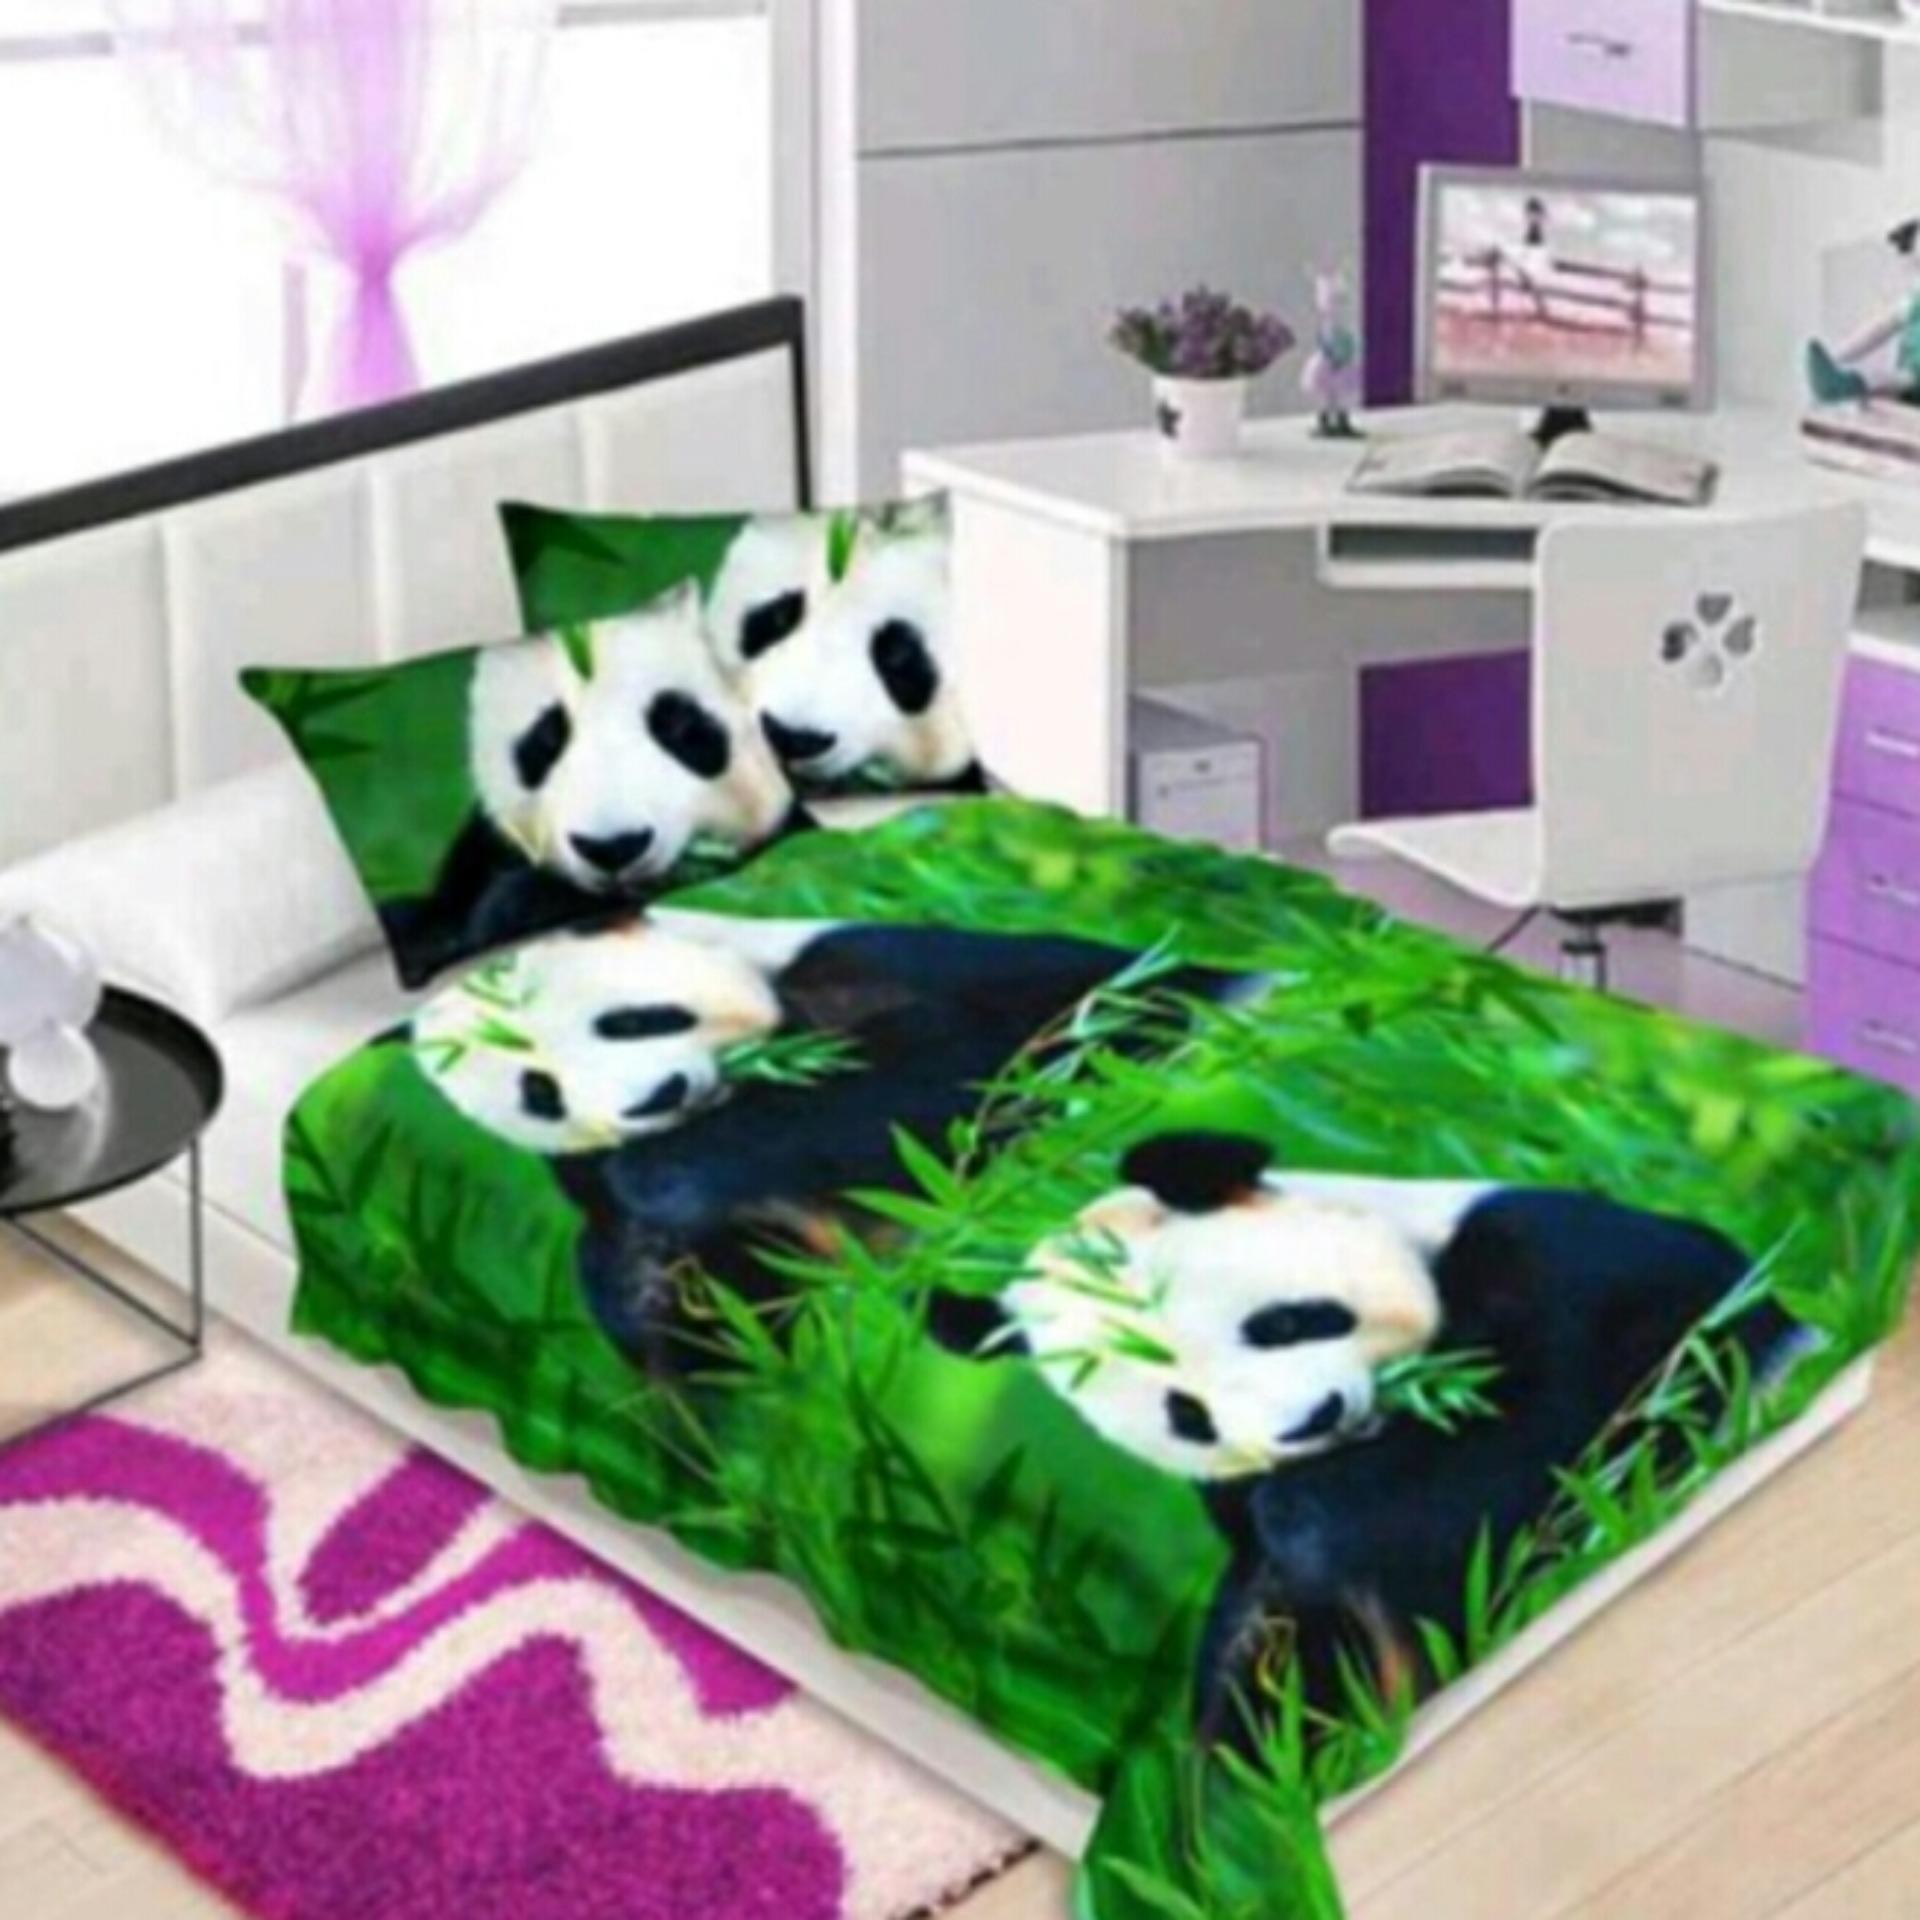 Review of Selimut Flanel Motif Panda 3D Kualitas Import ukr 150x200 belanja murah - Hanya Rp86